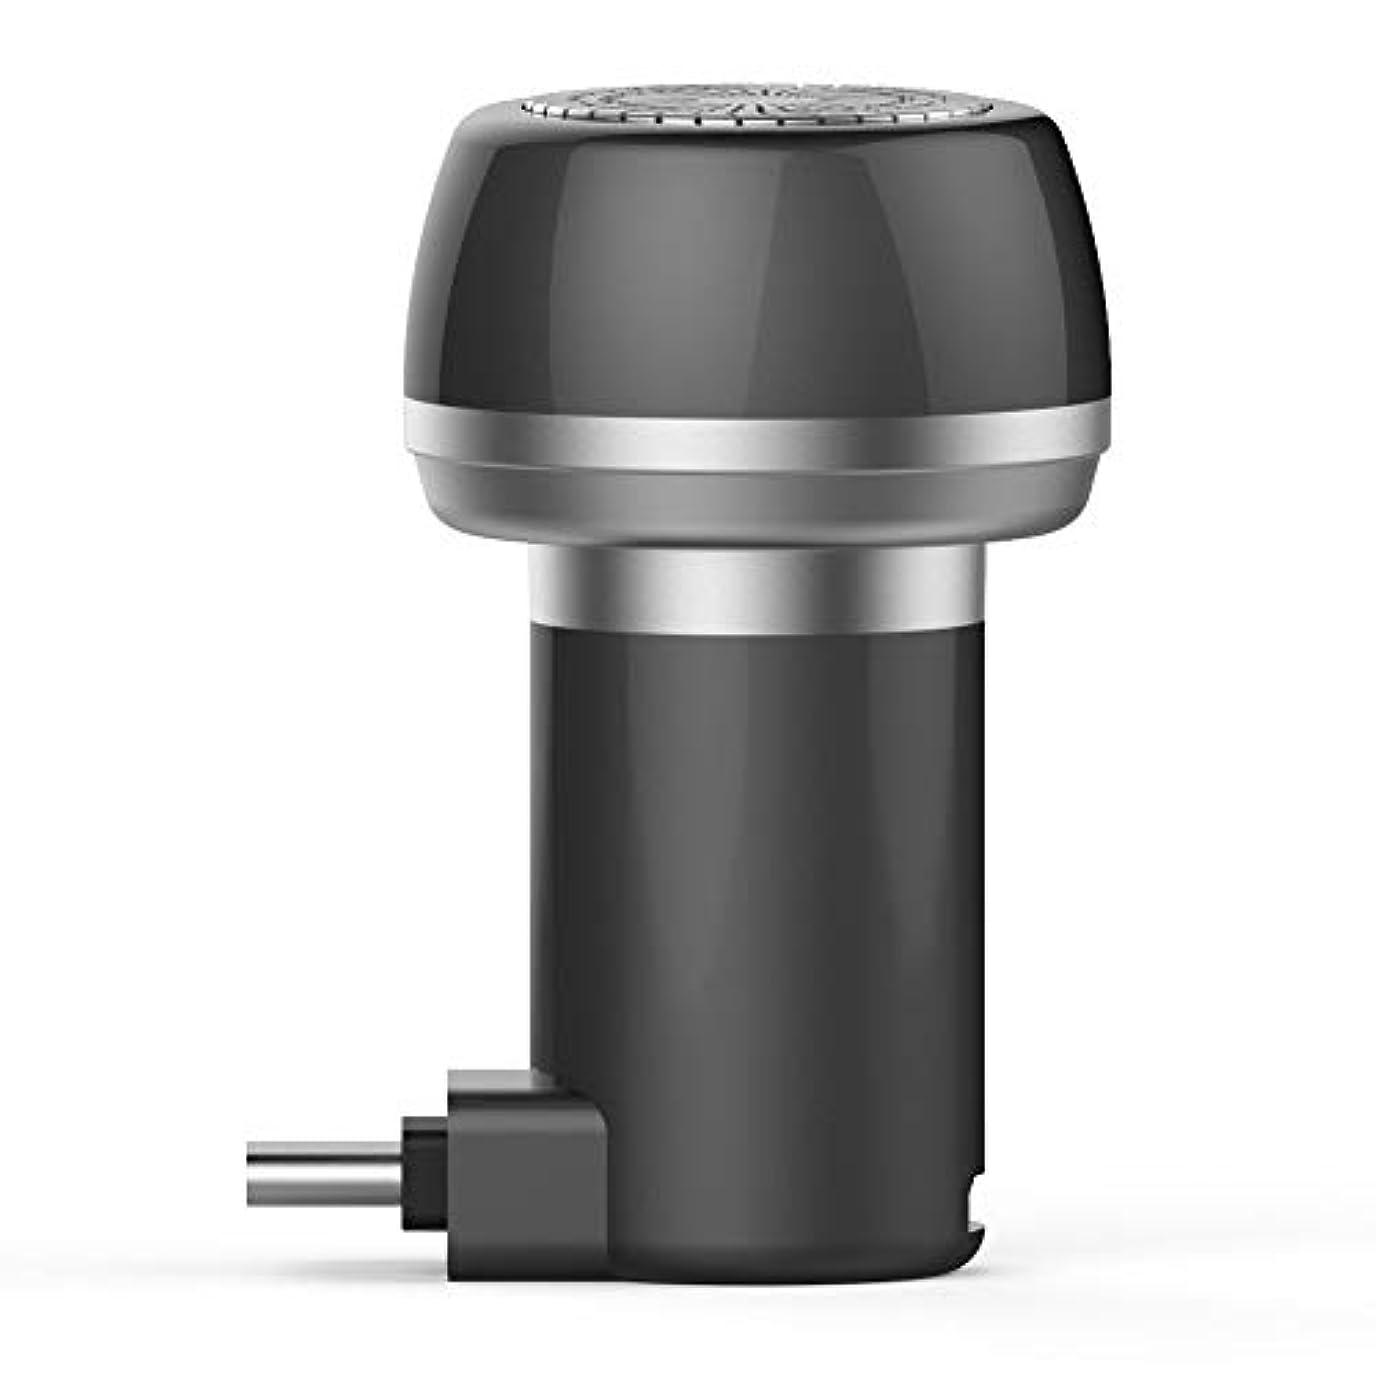 流産はがき行進Xlp  電気充電式シェーバー、2に付き1磁気電気シェーバーミニポータブルType-C USB防水耐久性剃刀